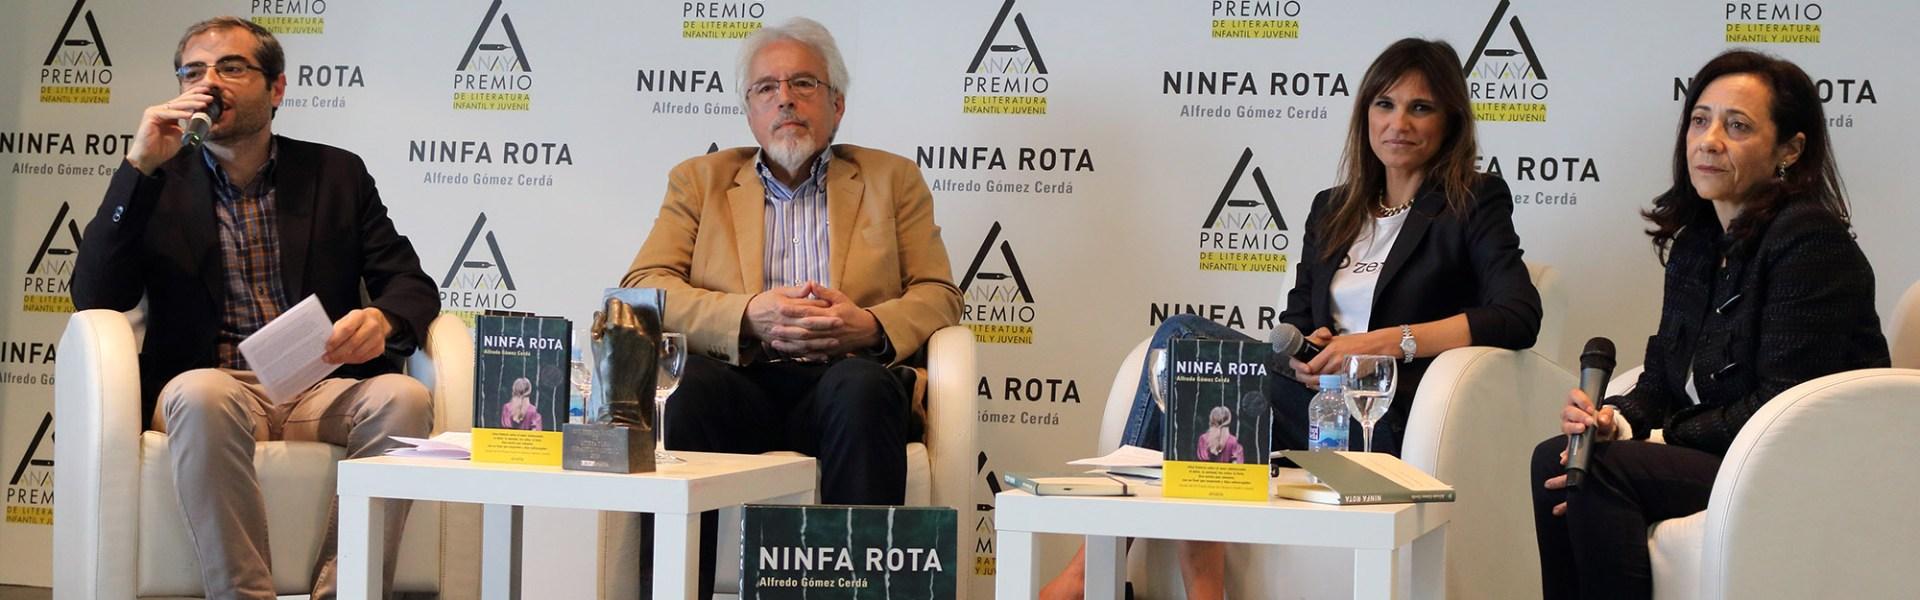 NINFA ROTA PRESENTACIÓN PORTADA - EL PALOMITRÓN